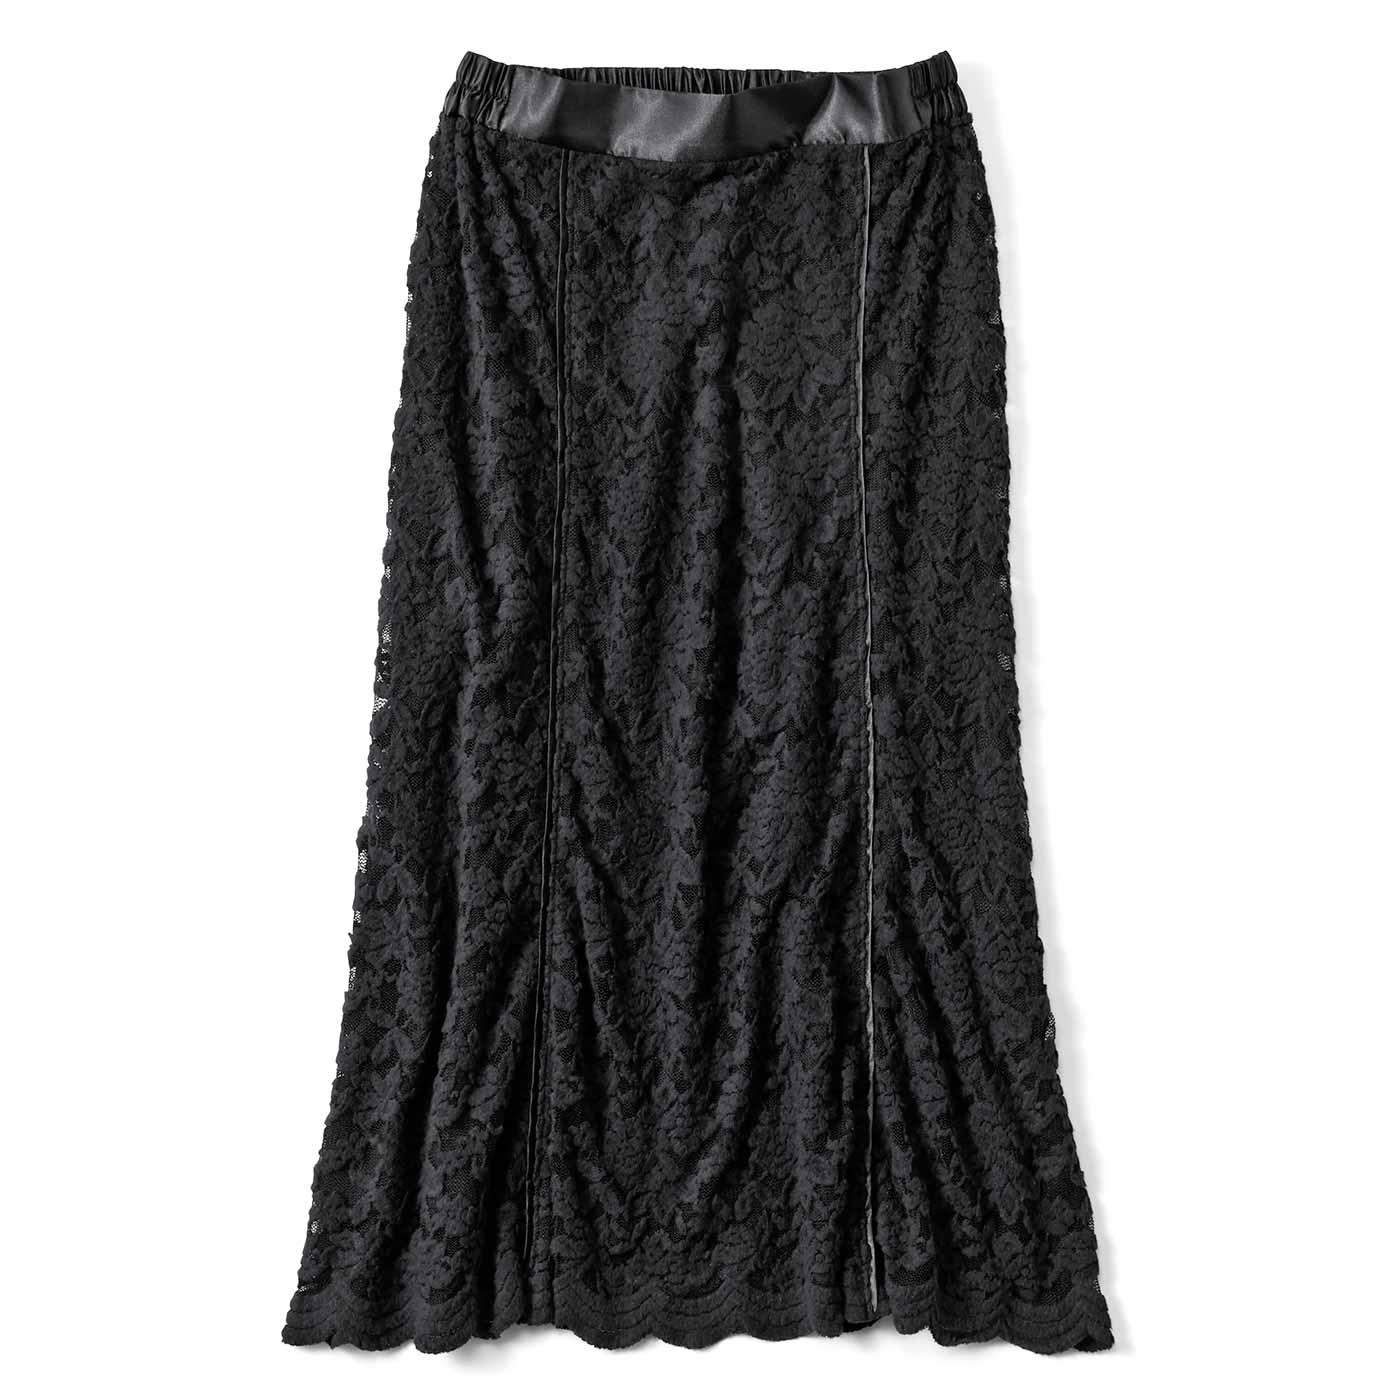 起毛レーススカート〈ブラック〉IE